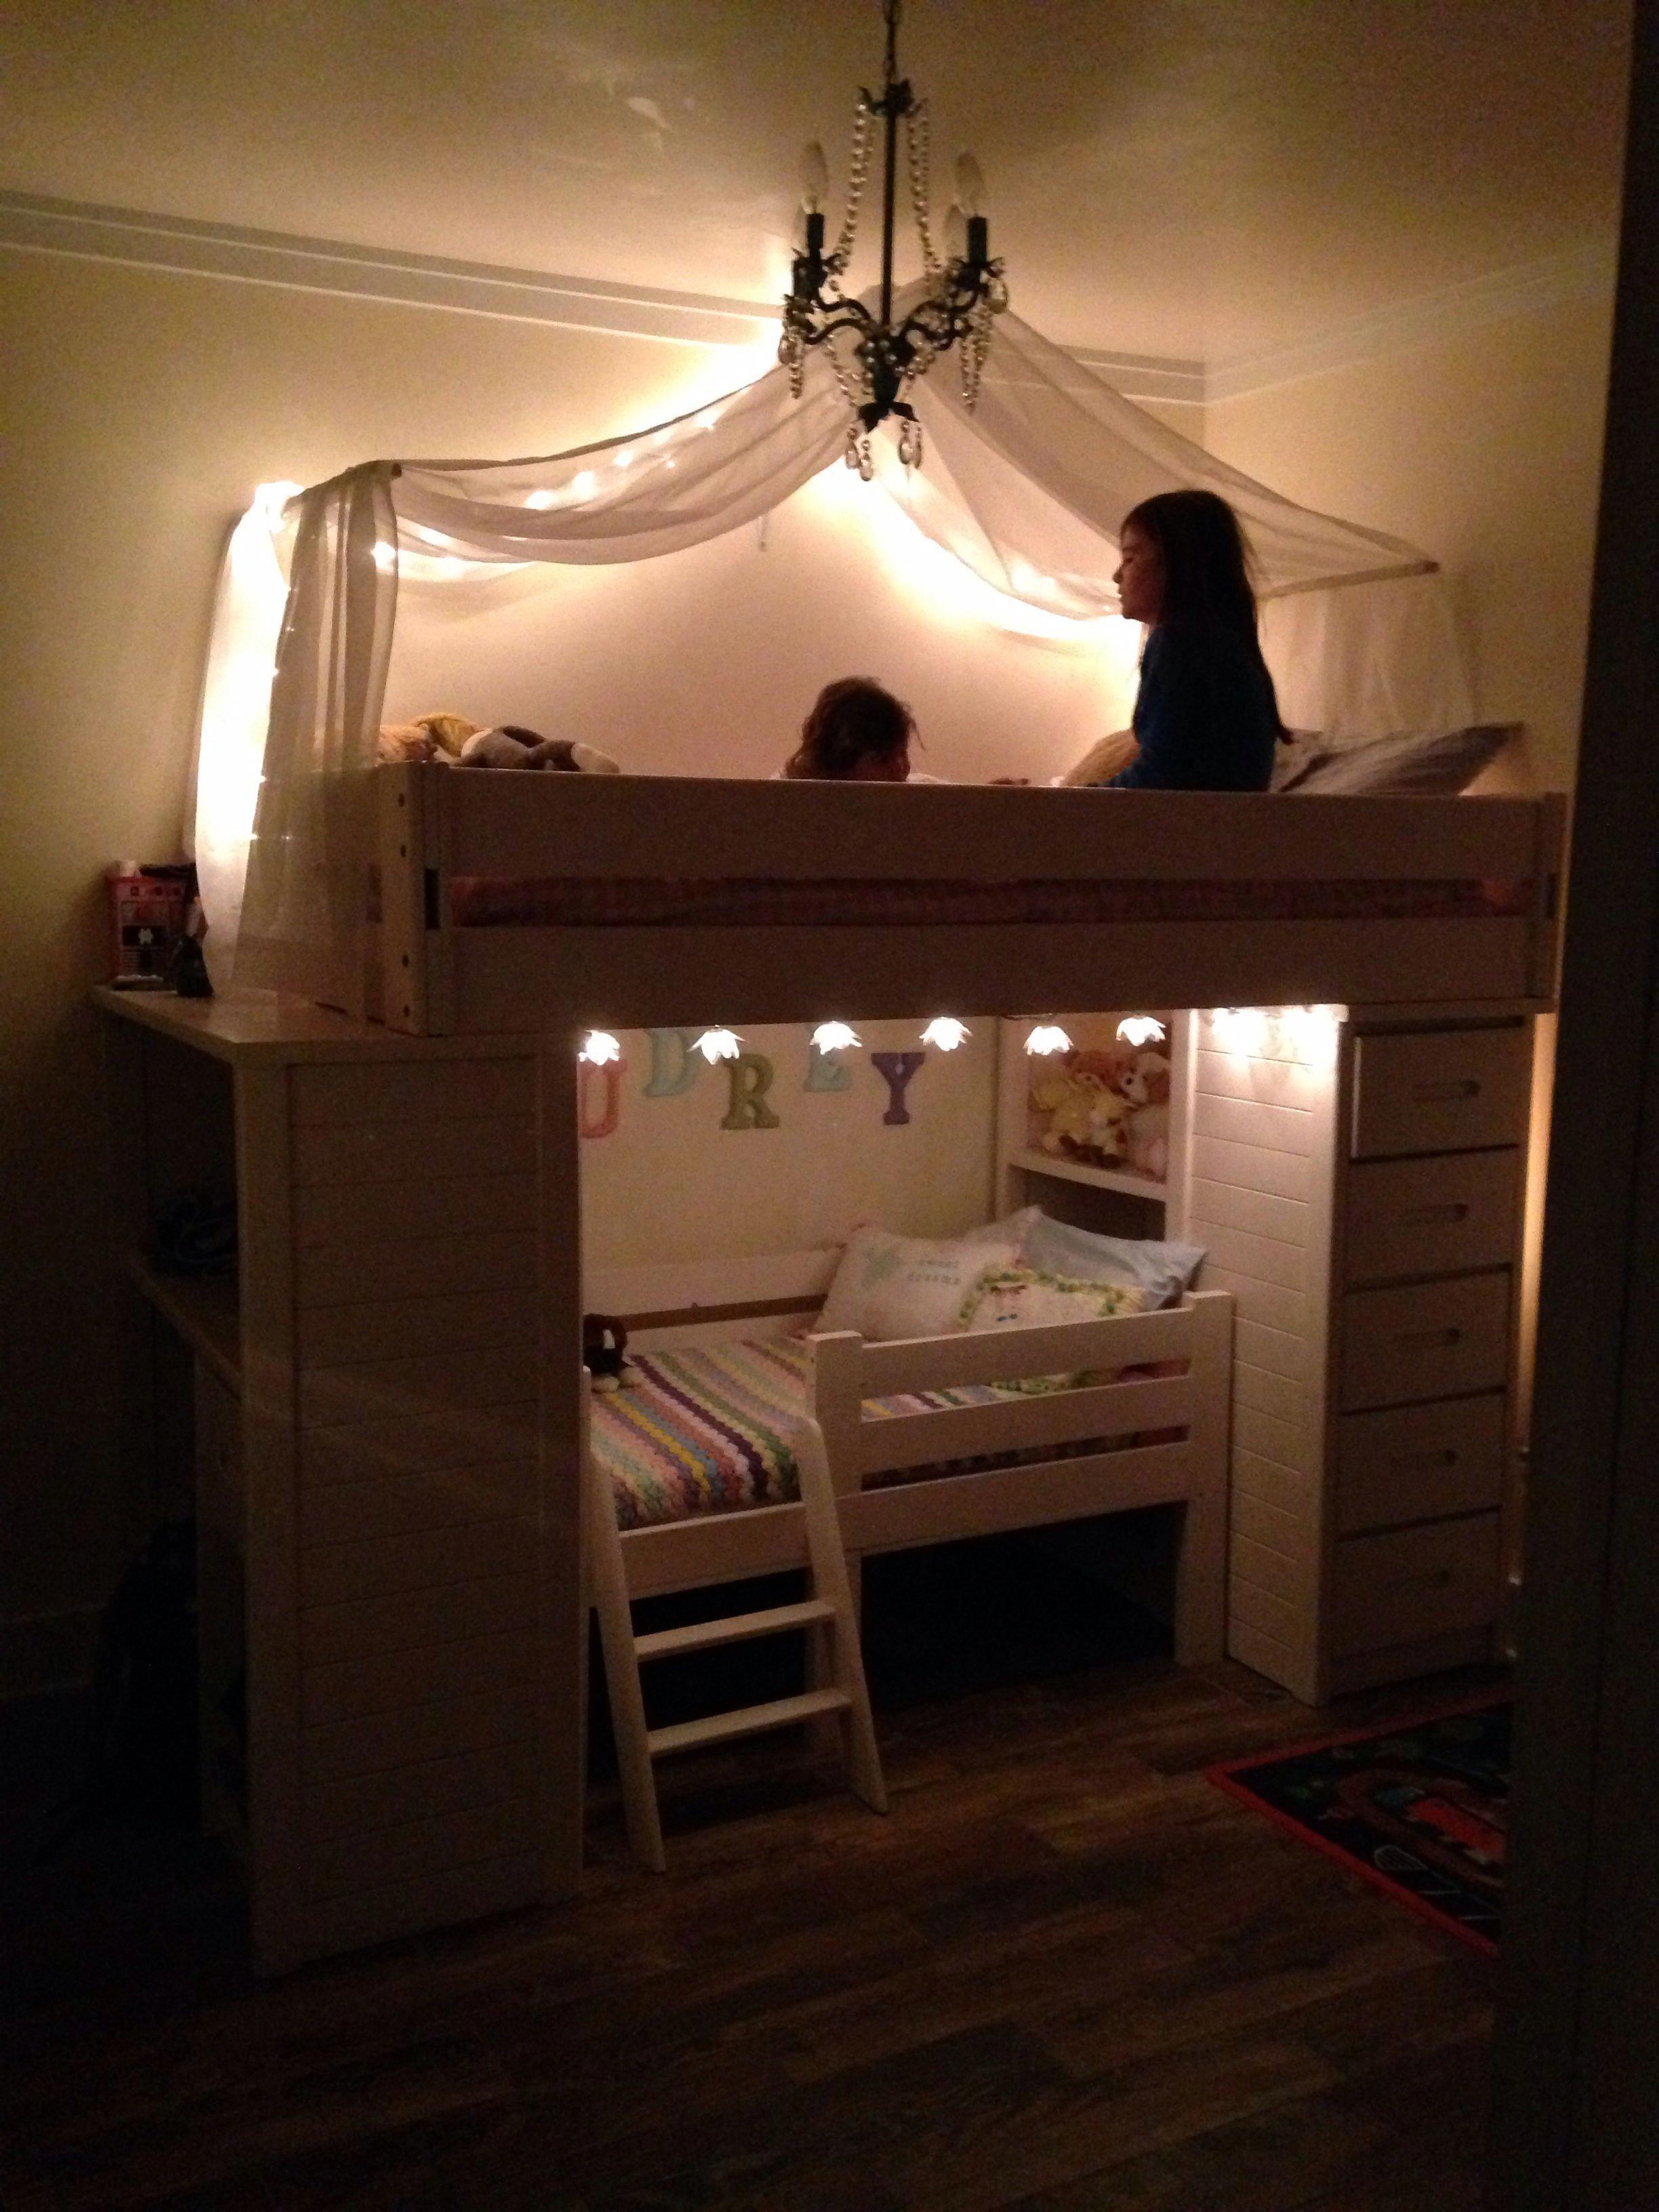 College loft bed ideas  Girls bunkbed udbunkbedsforkidsroomud  Bunk Beds for Kids